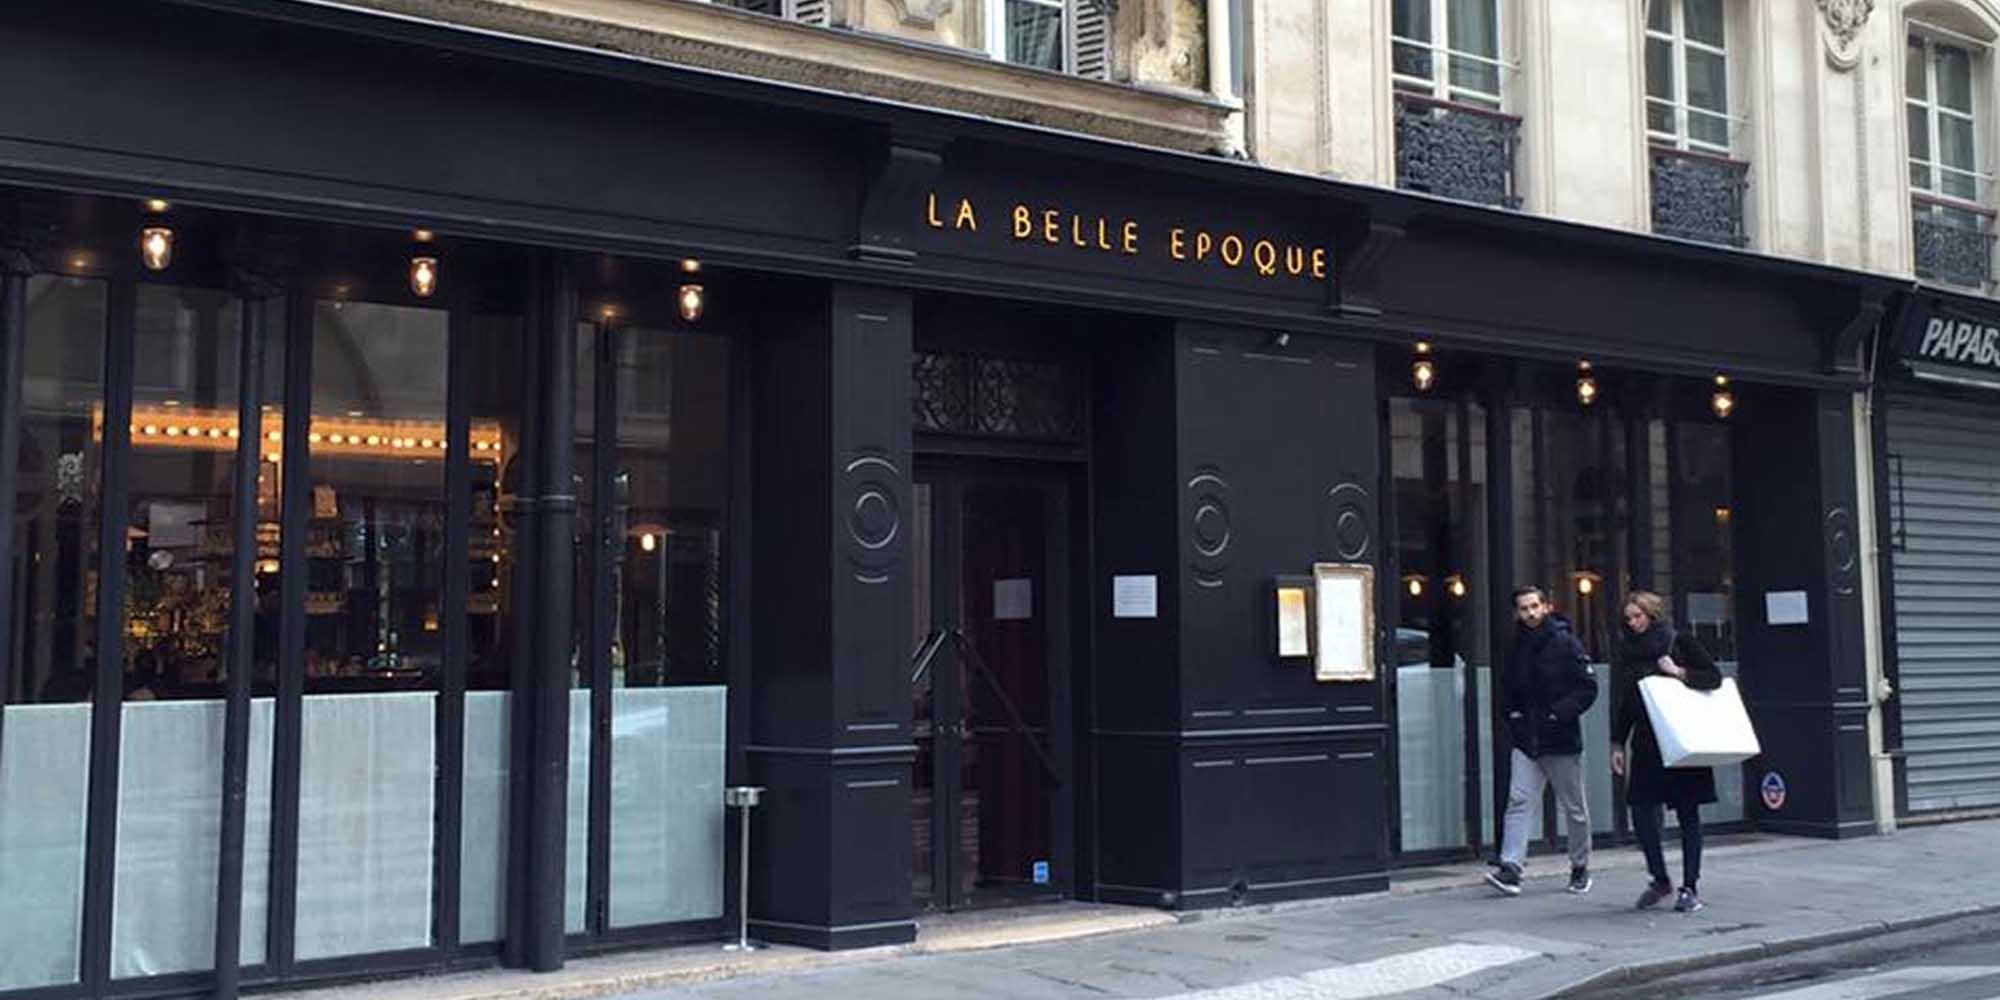 Restaurant La Belle Epoque Paris